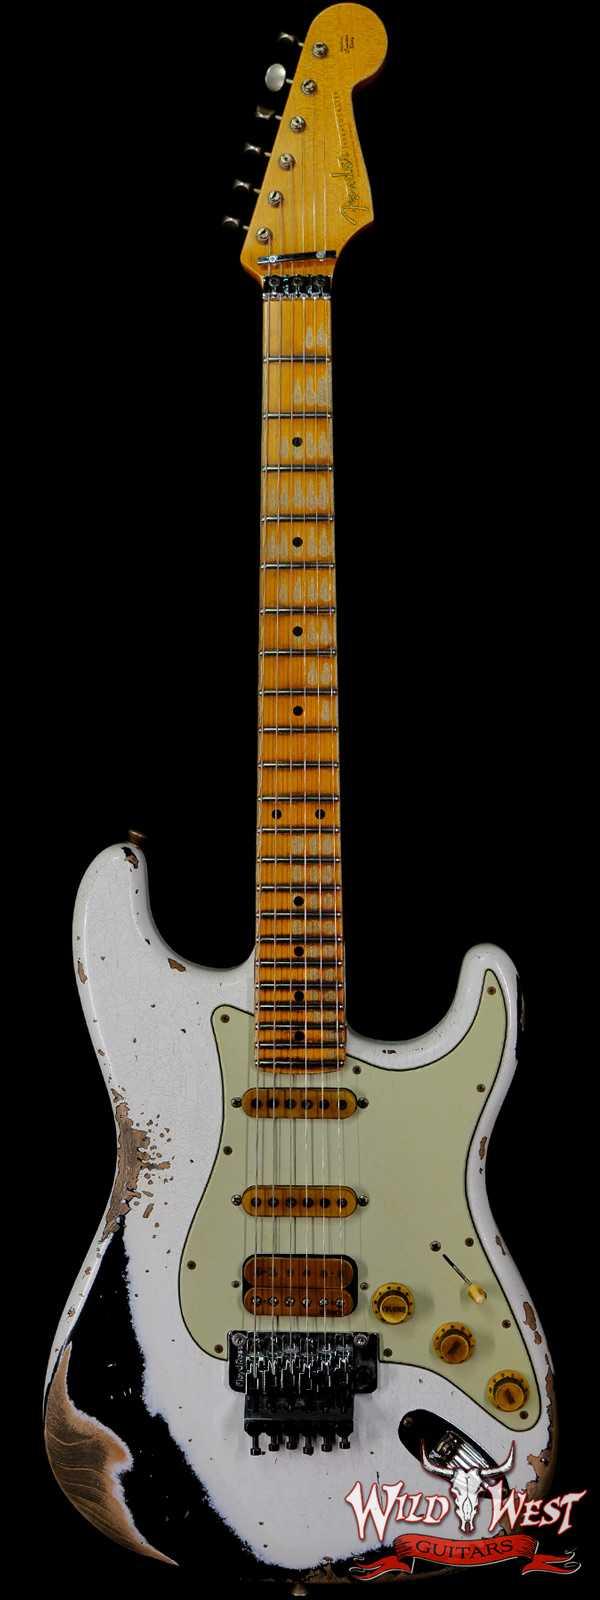 Fender Custom Shop Wild West White Lightning Stratocaster Floyd Rose Heavy Relic Maple Board 22 Frets Black